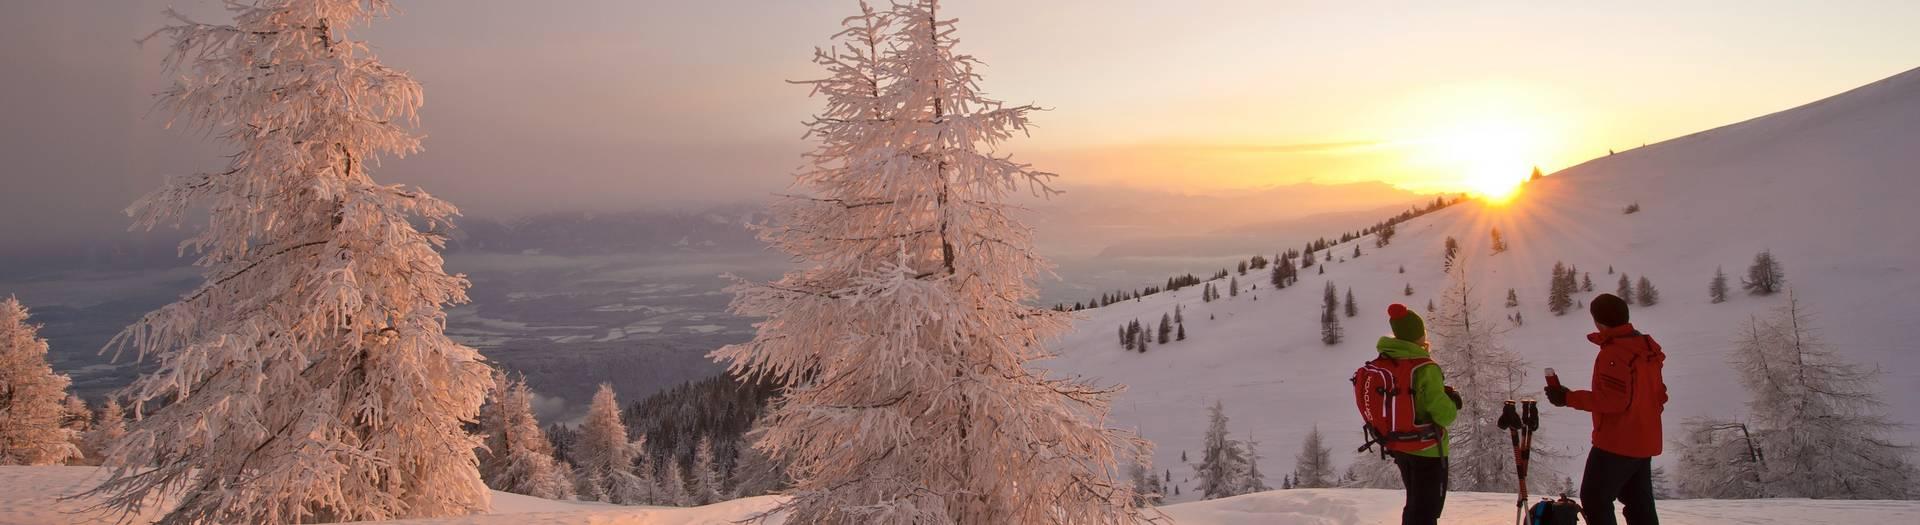 Gerlitzen Winteridylle